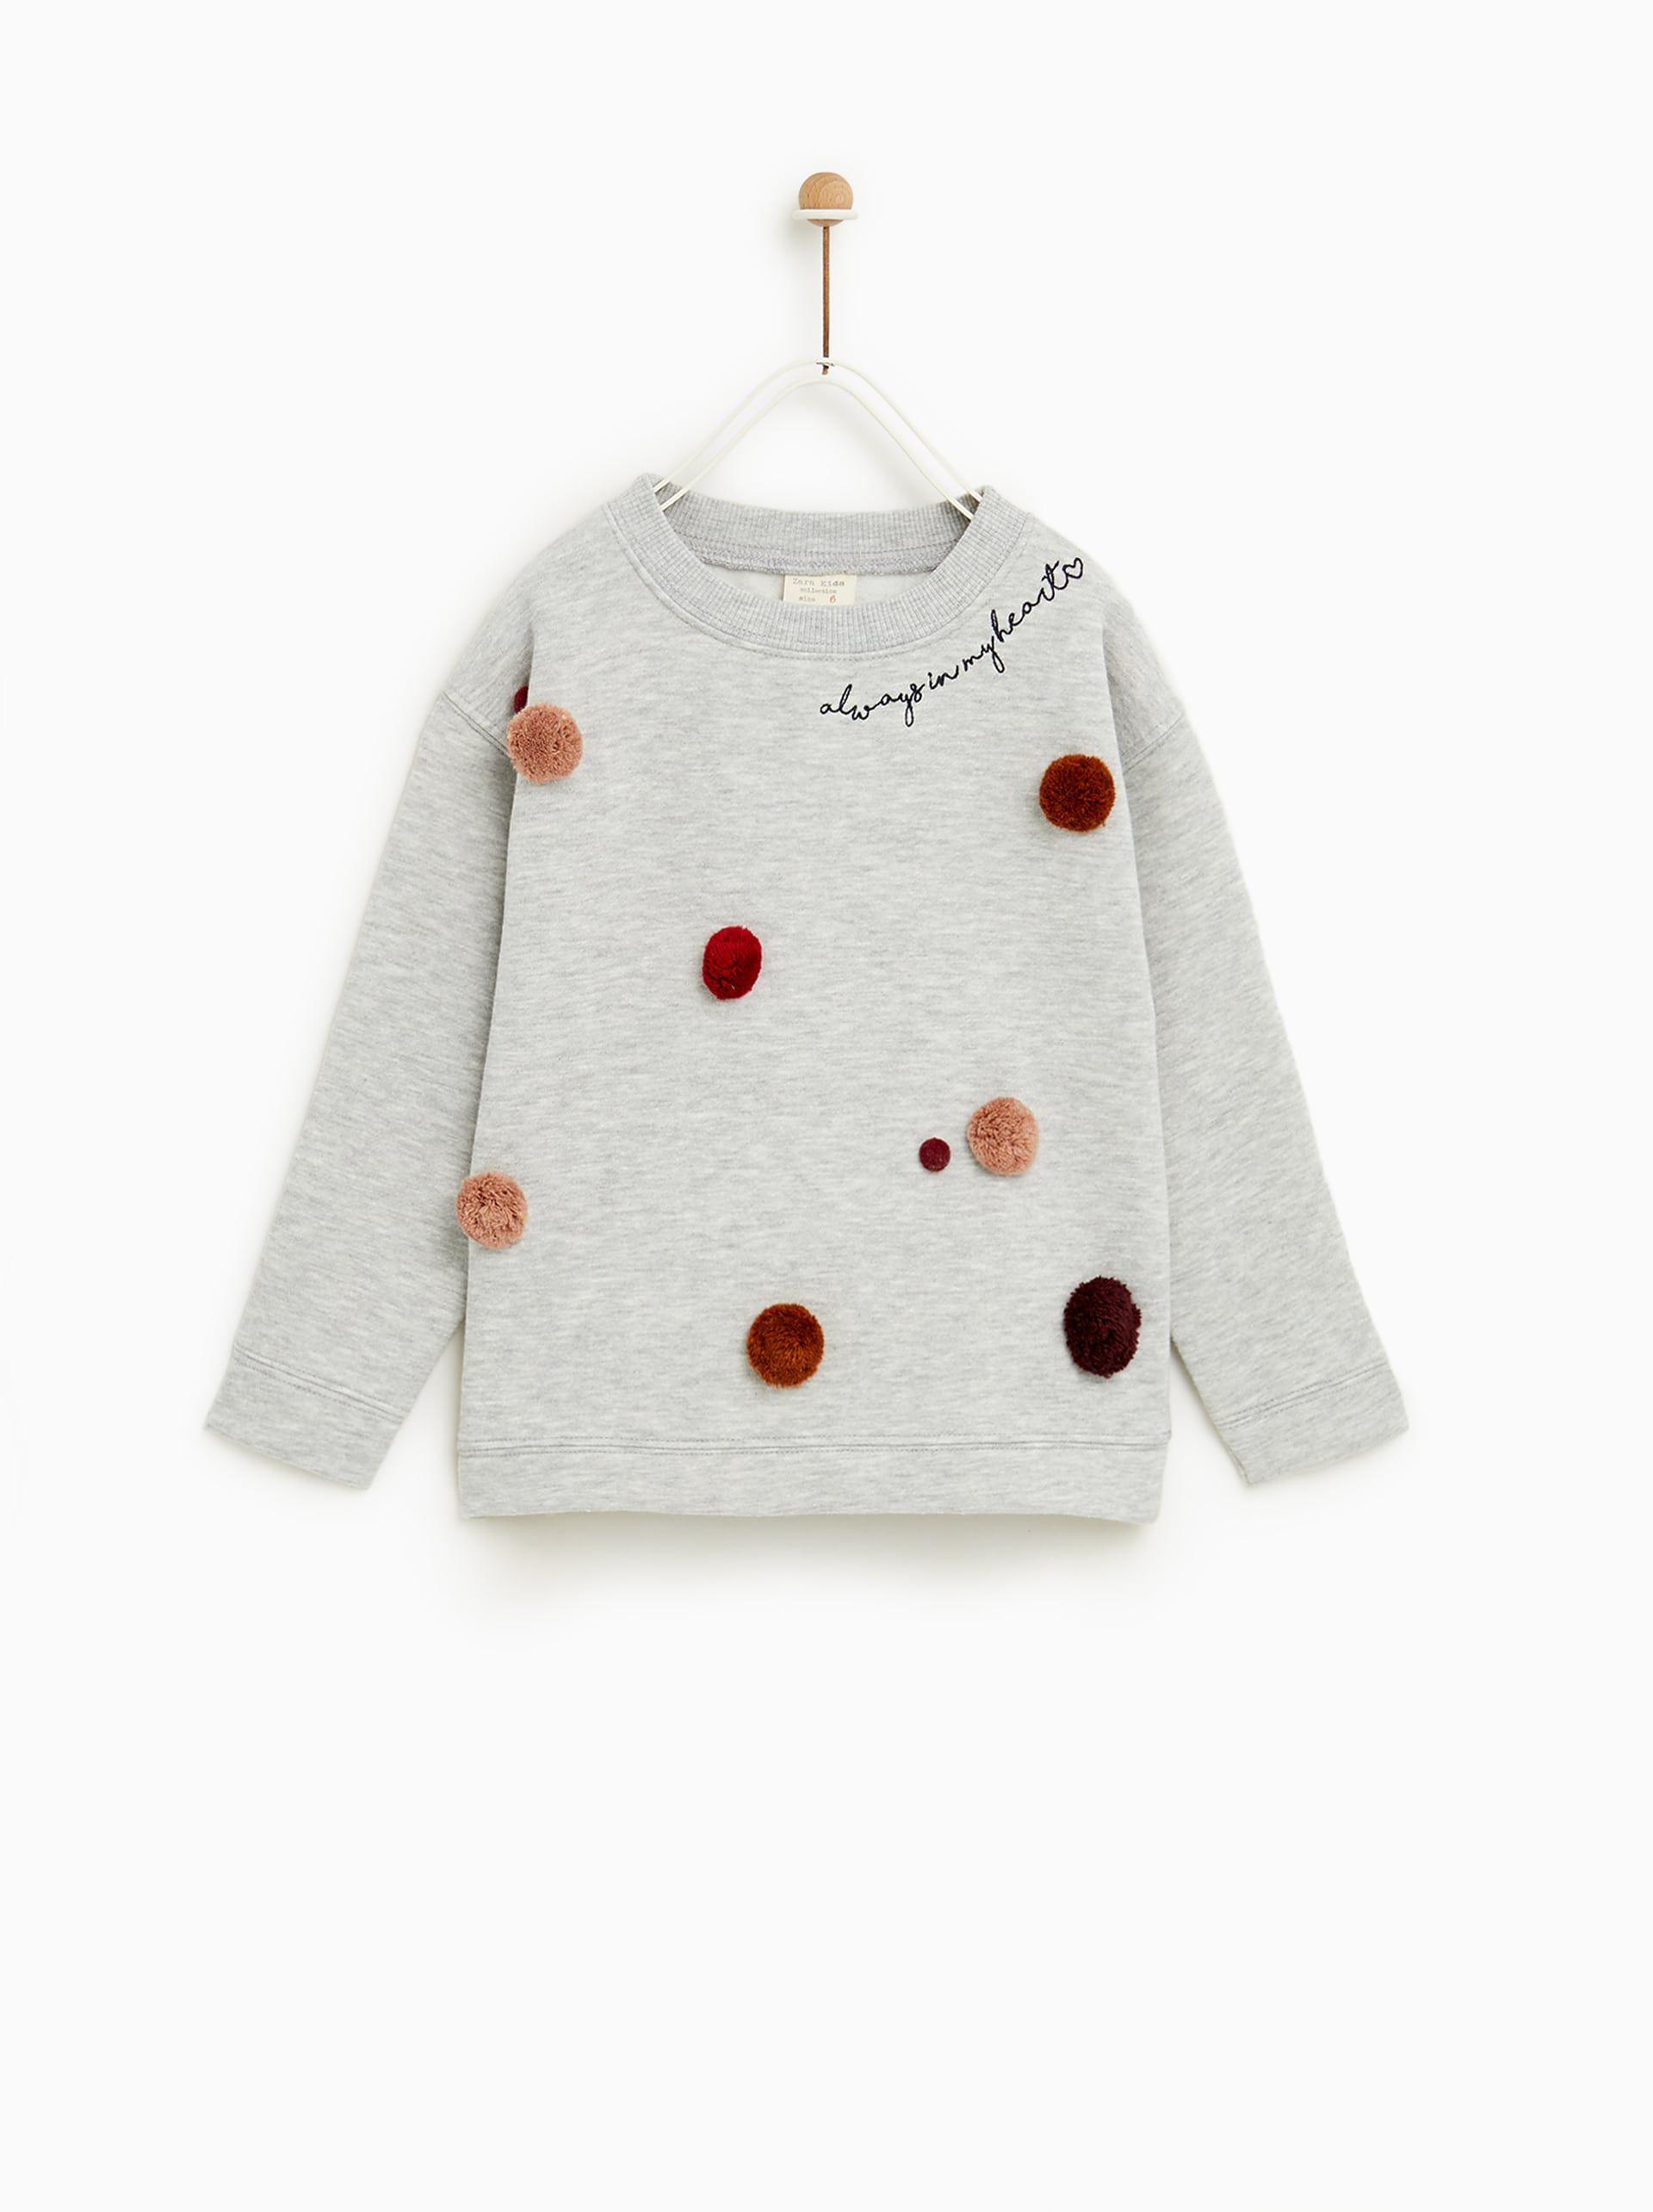 c91f5cfc52 POMPOM SWEATSHIRT | Zuzu's Style | Sweatshirts, Zara kids, Kids fashion